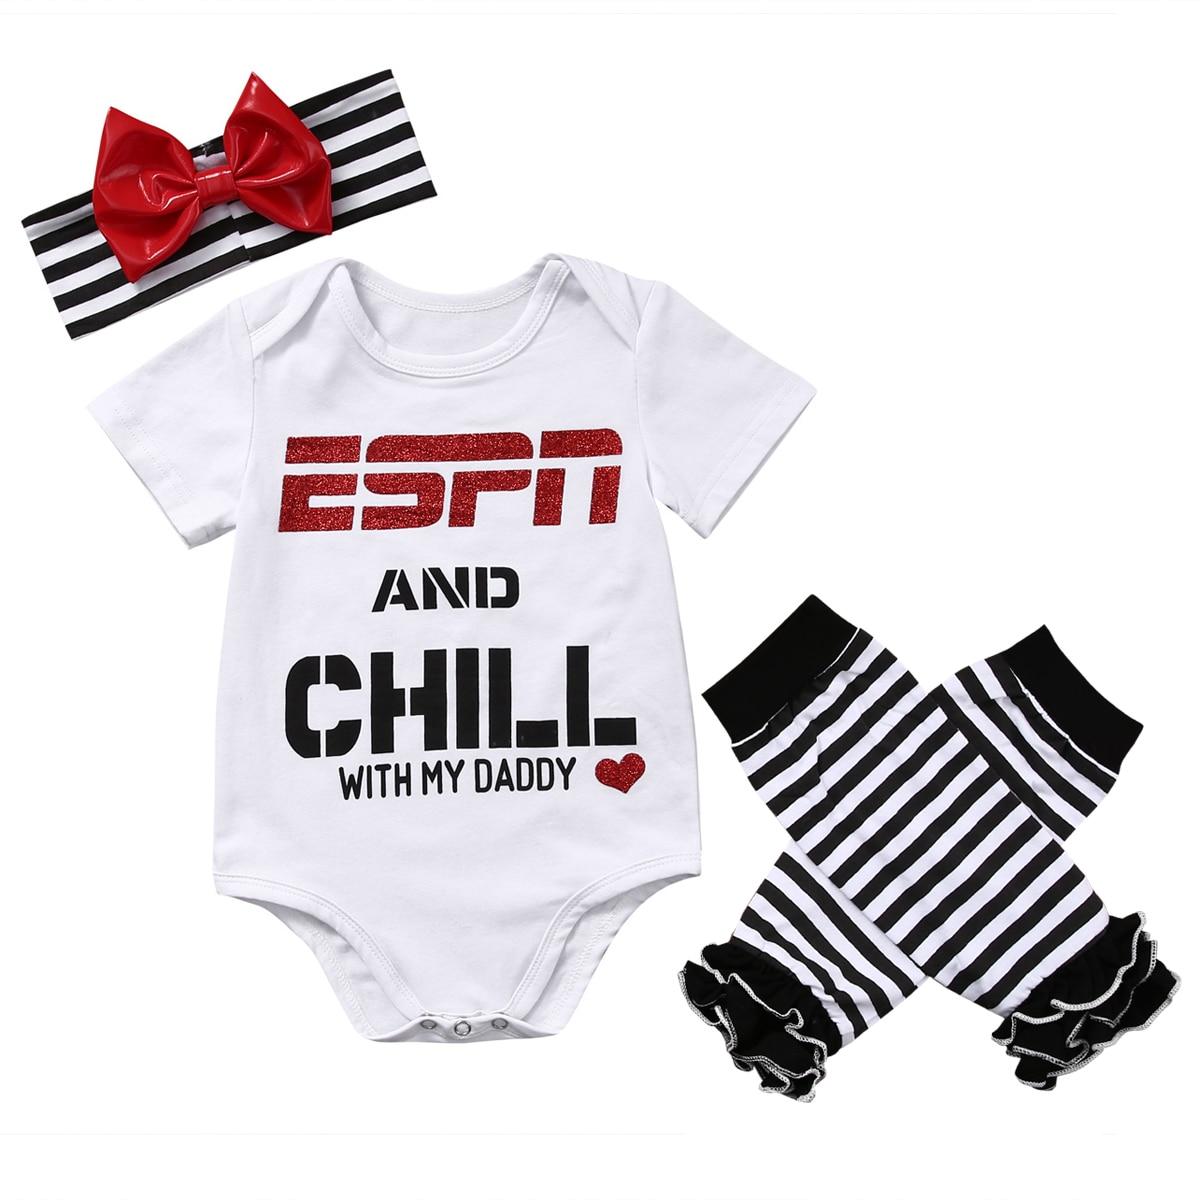 3 Pcs Baby Bodysuit Sets Newborn Infant Babies Boy Girl Letter Bodysuits Playsuit Jumpsuit+Leg Warmers+Headband Outfit